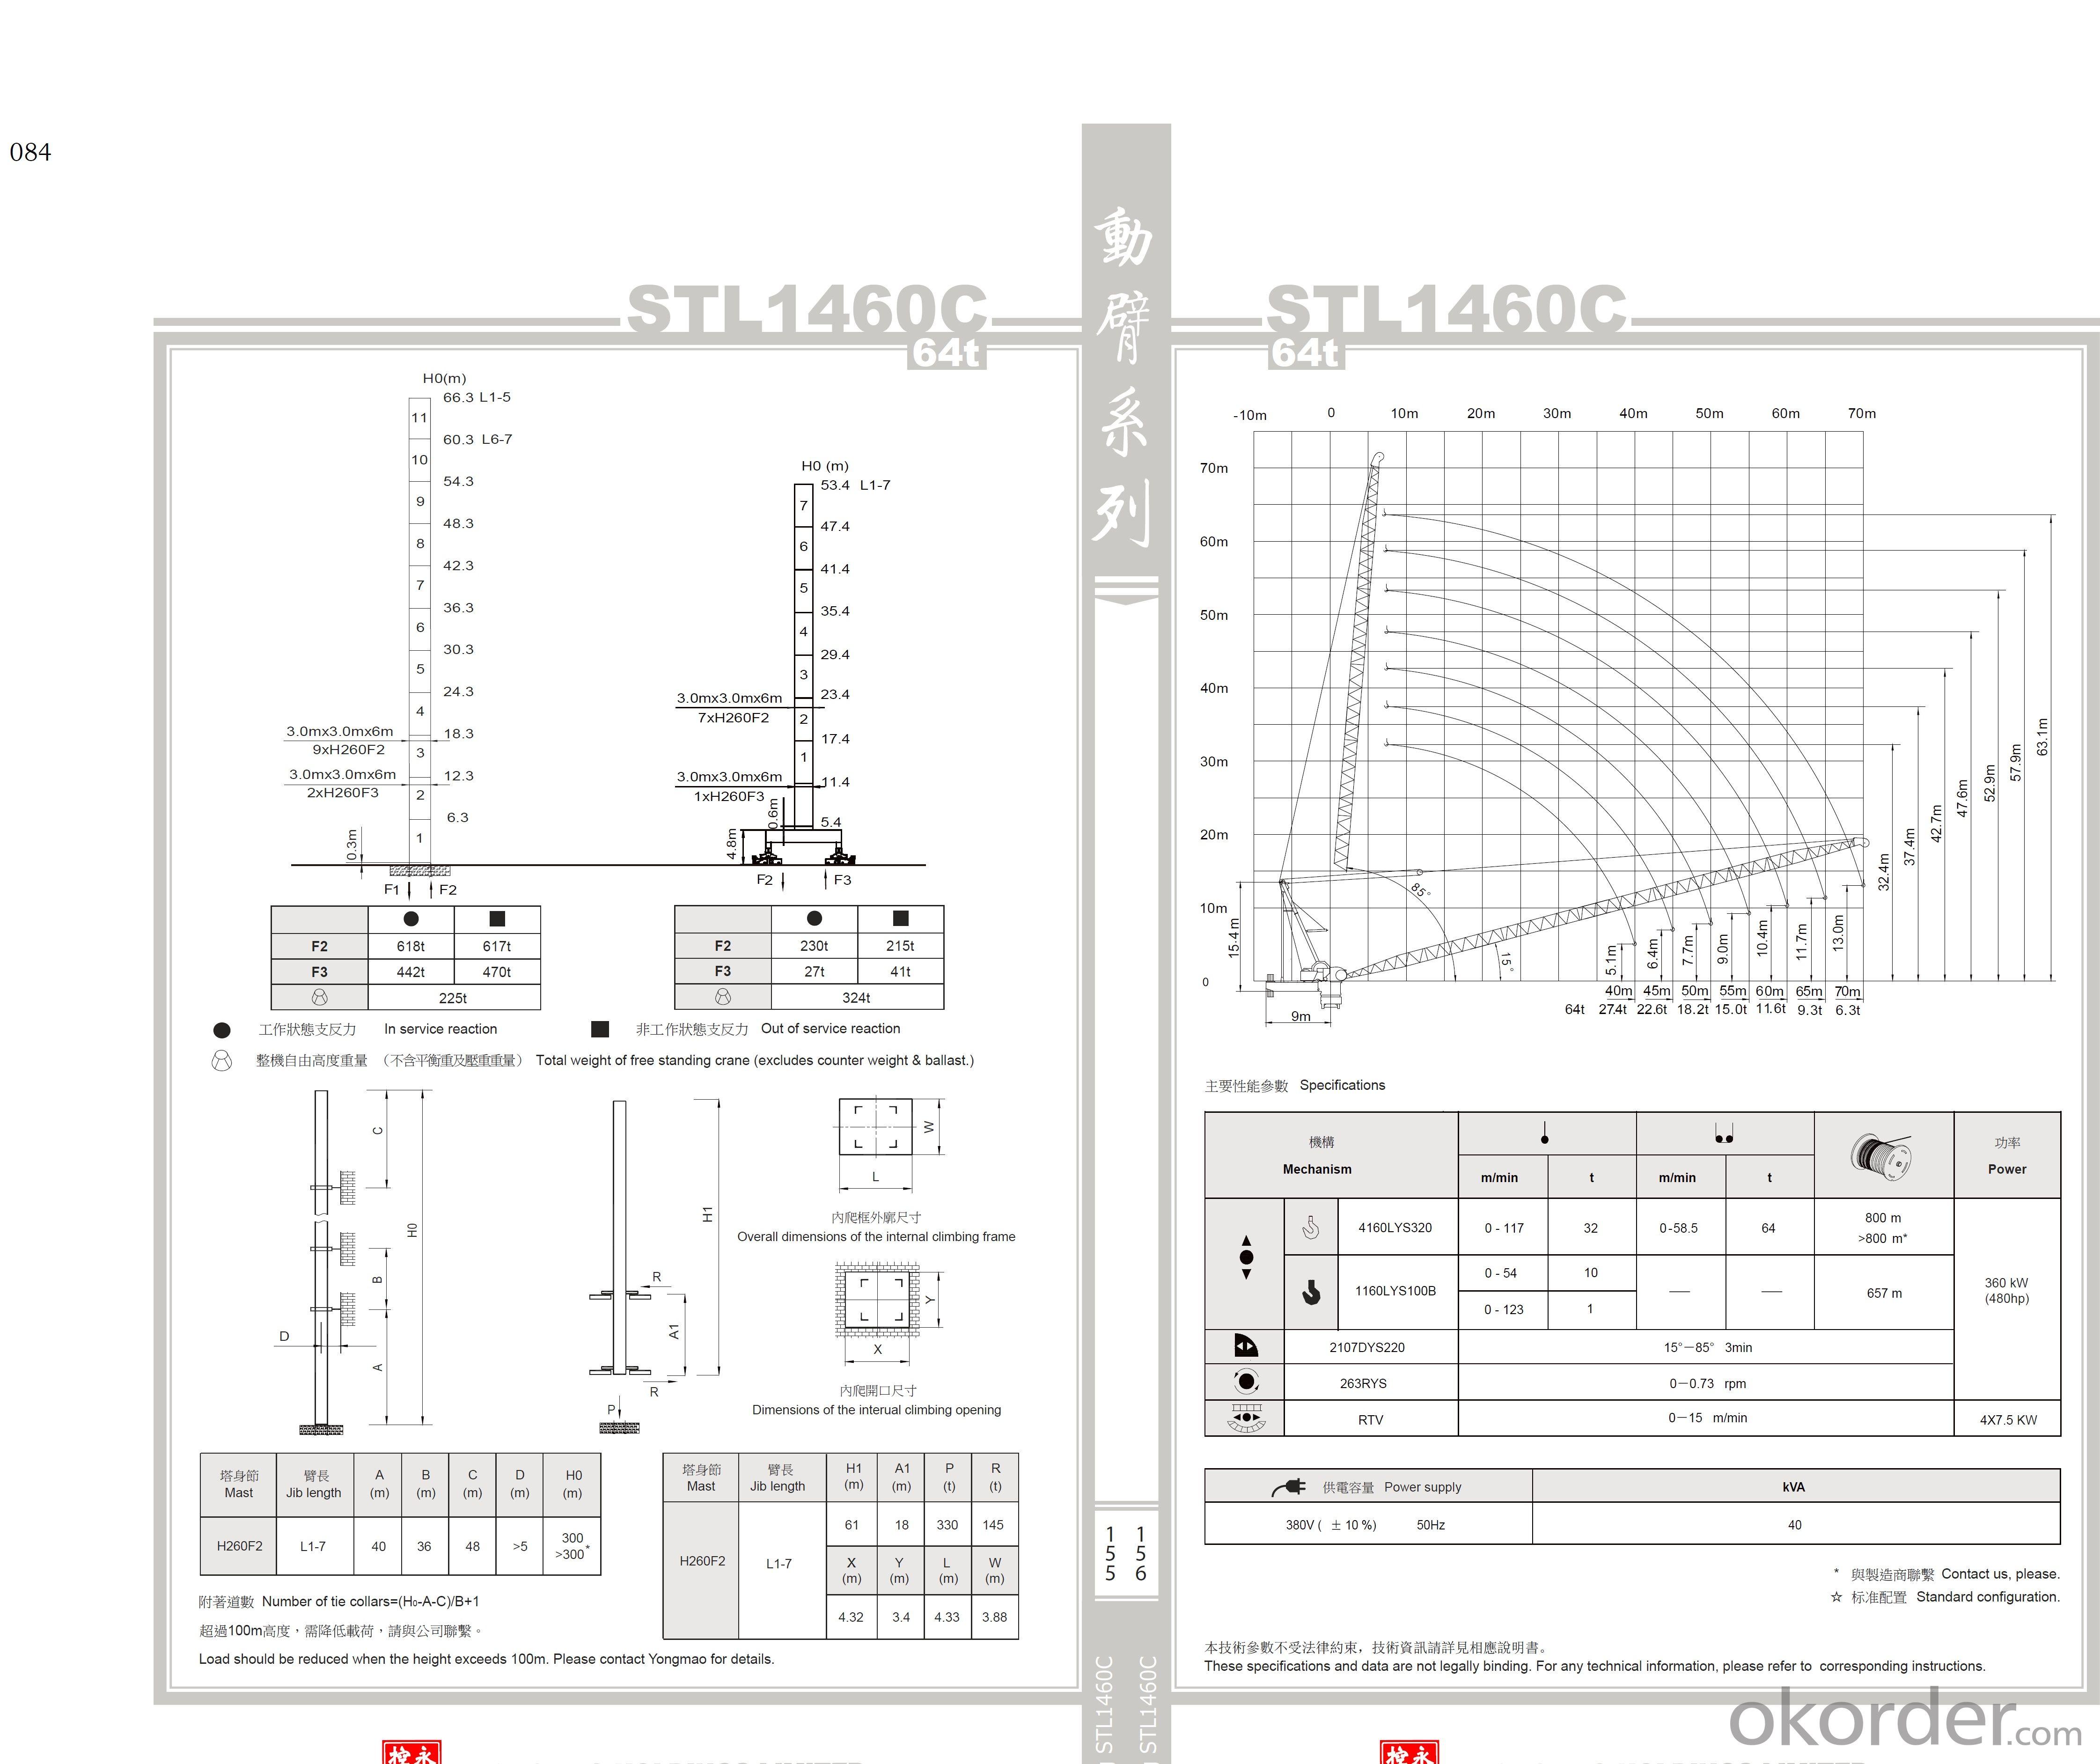 YONGMAO STL1460C tower crane